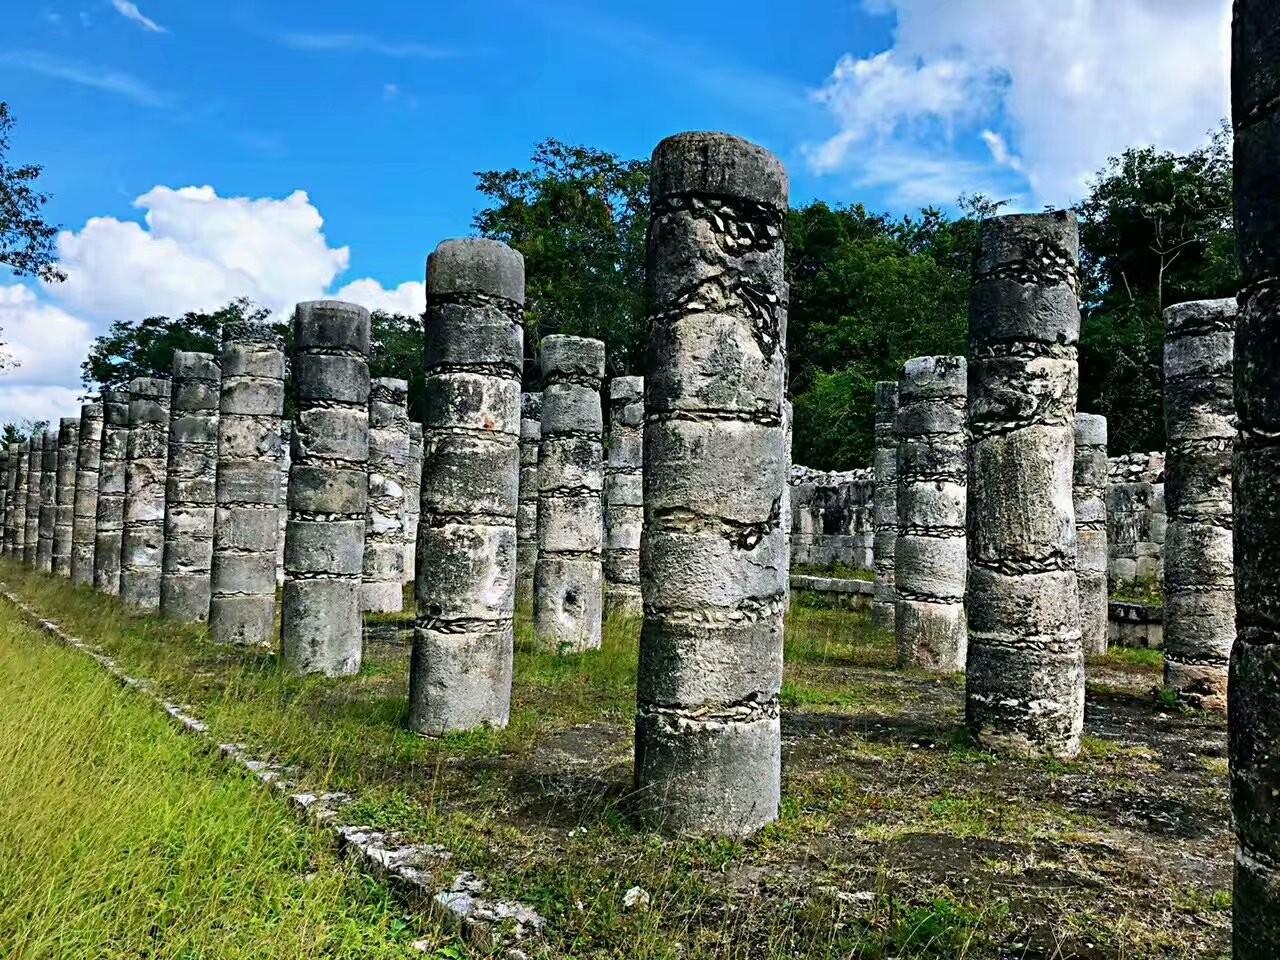 墨西哥奇琴伊察玛雅文化遗迹(图)_图1-2